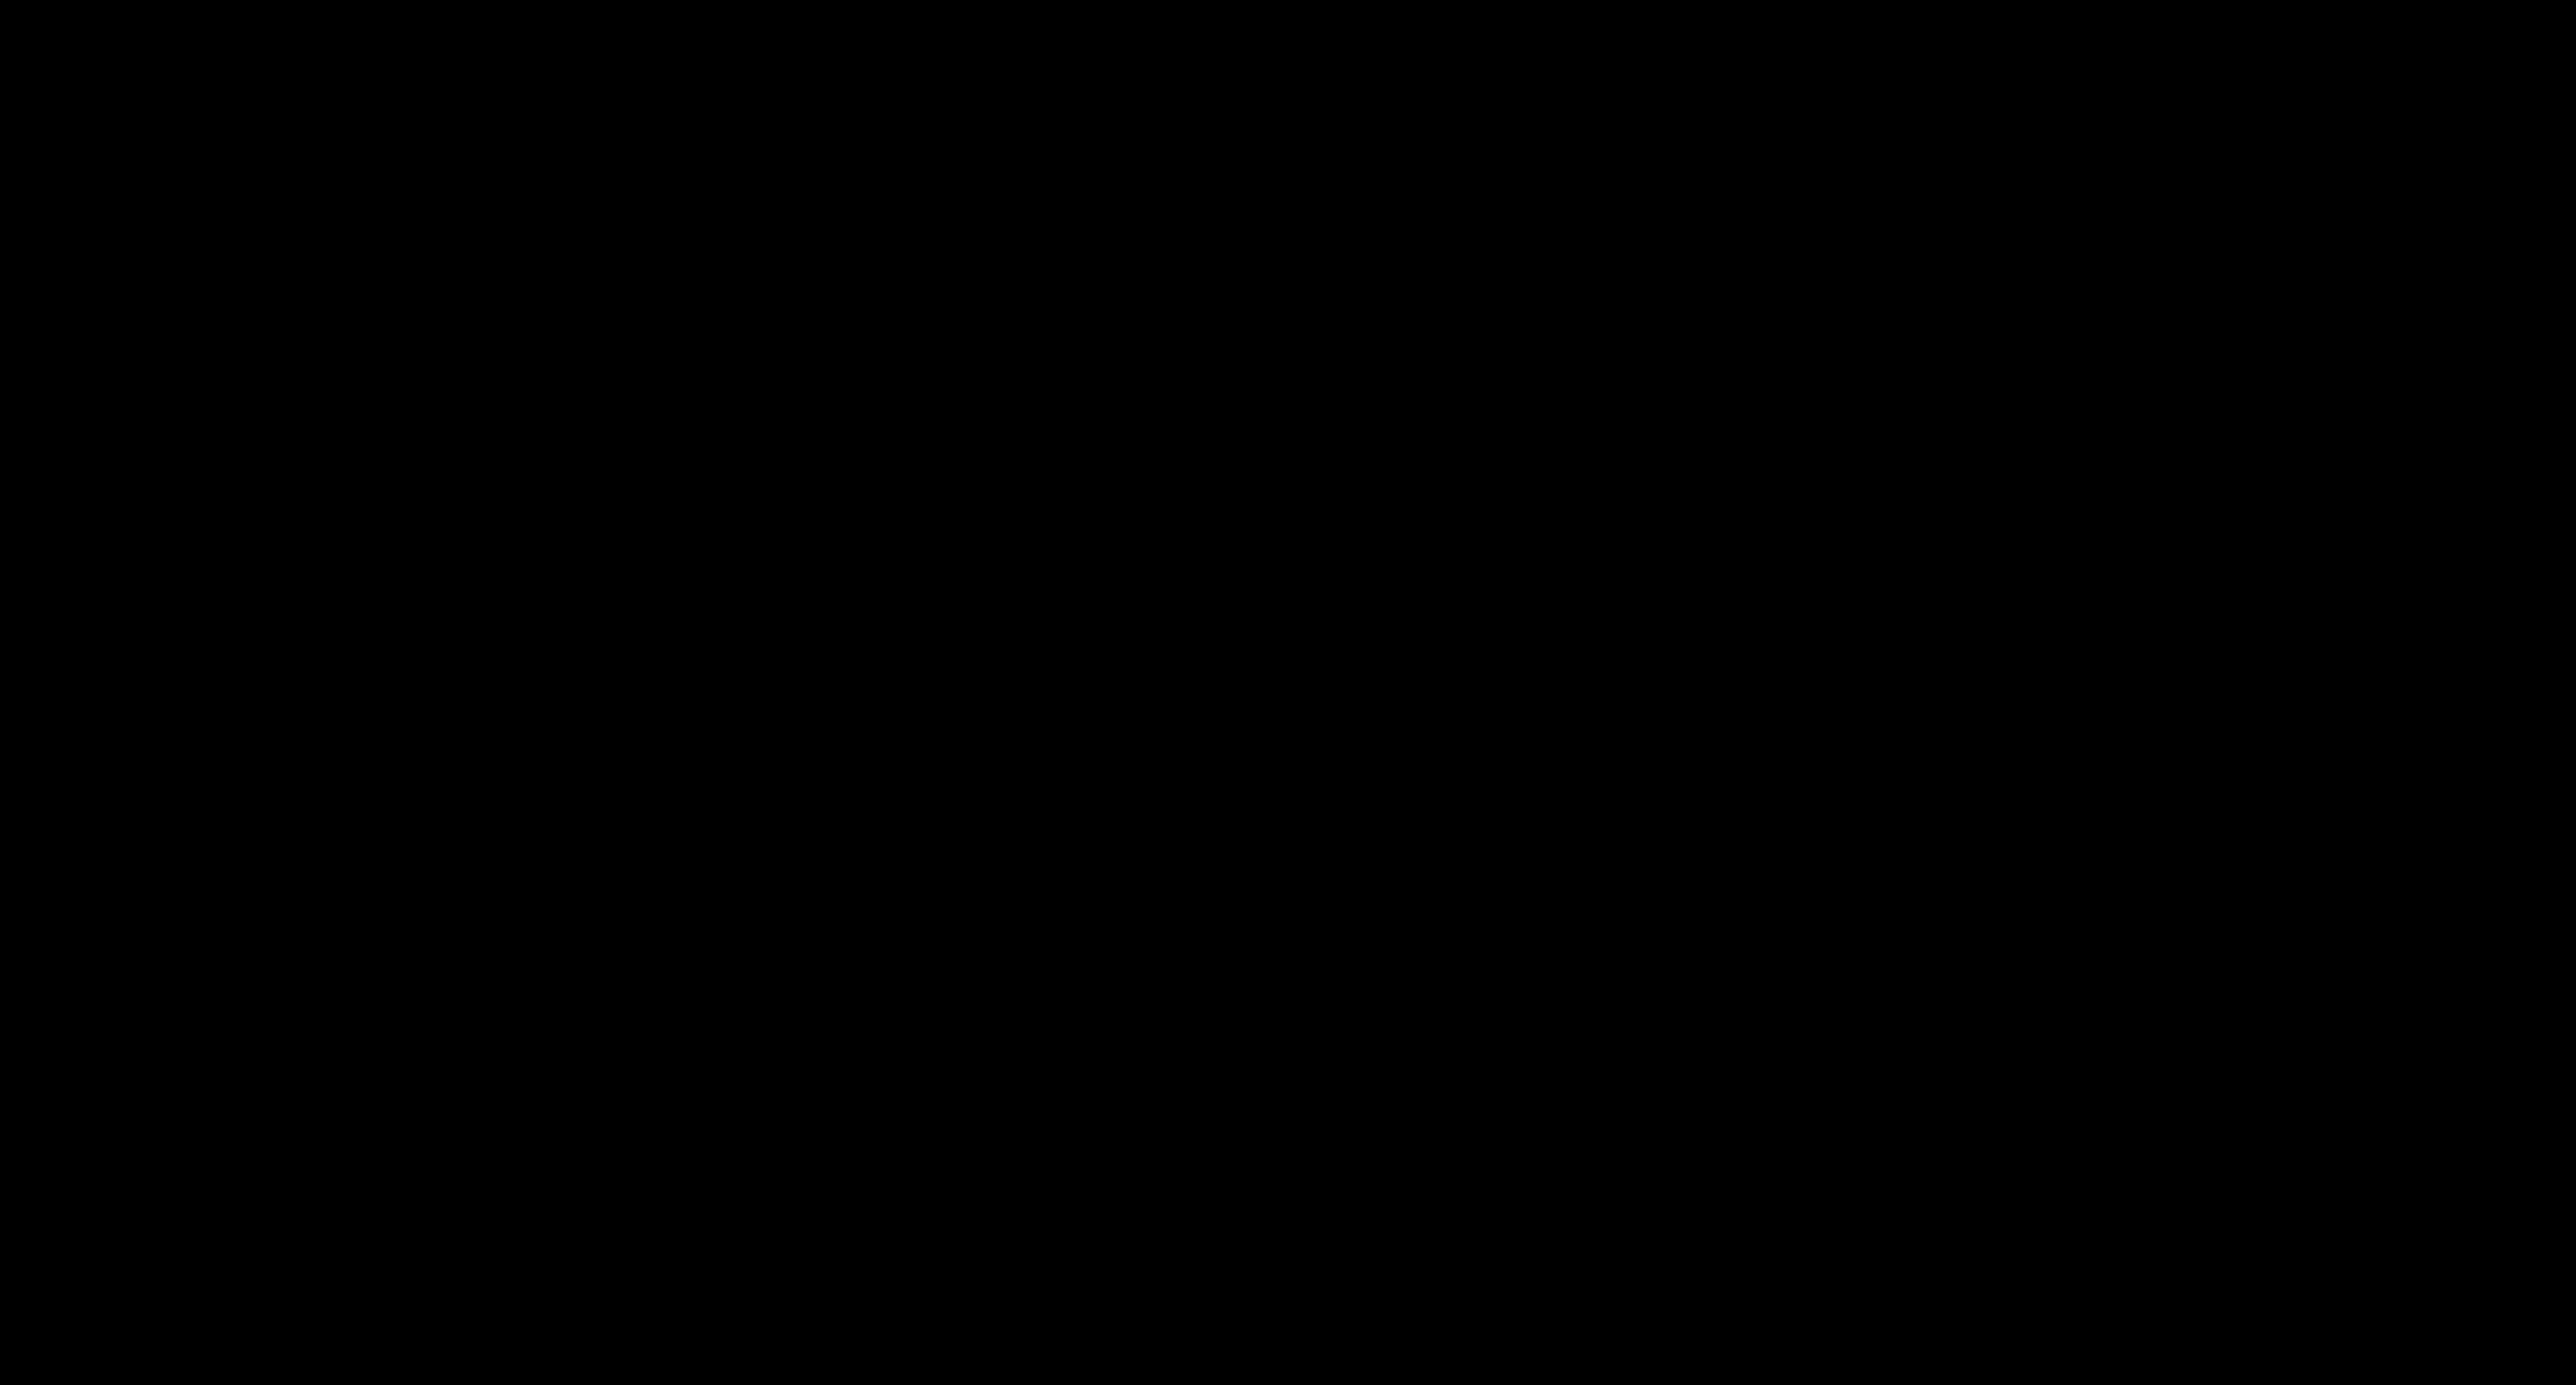 GSB: GSB Signs